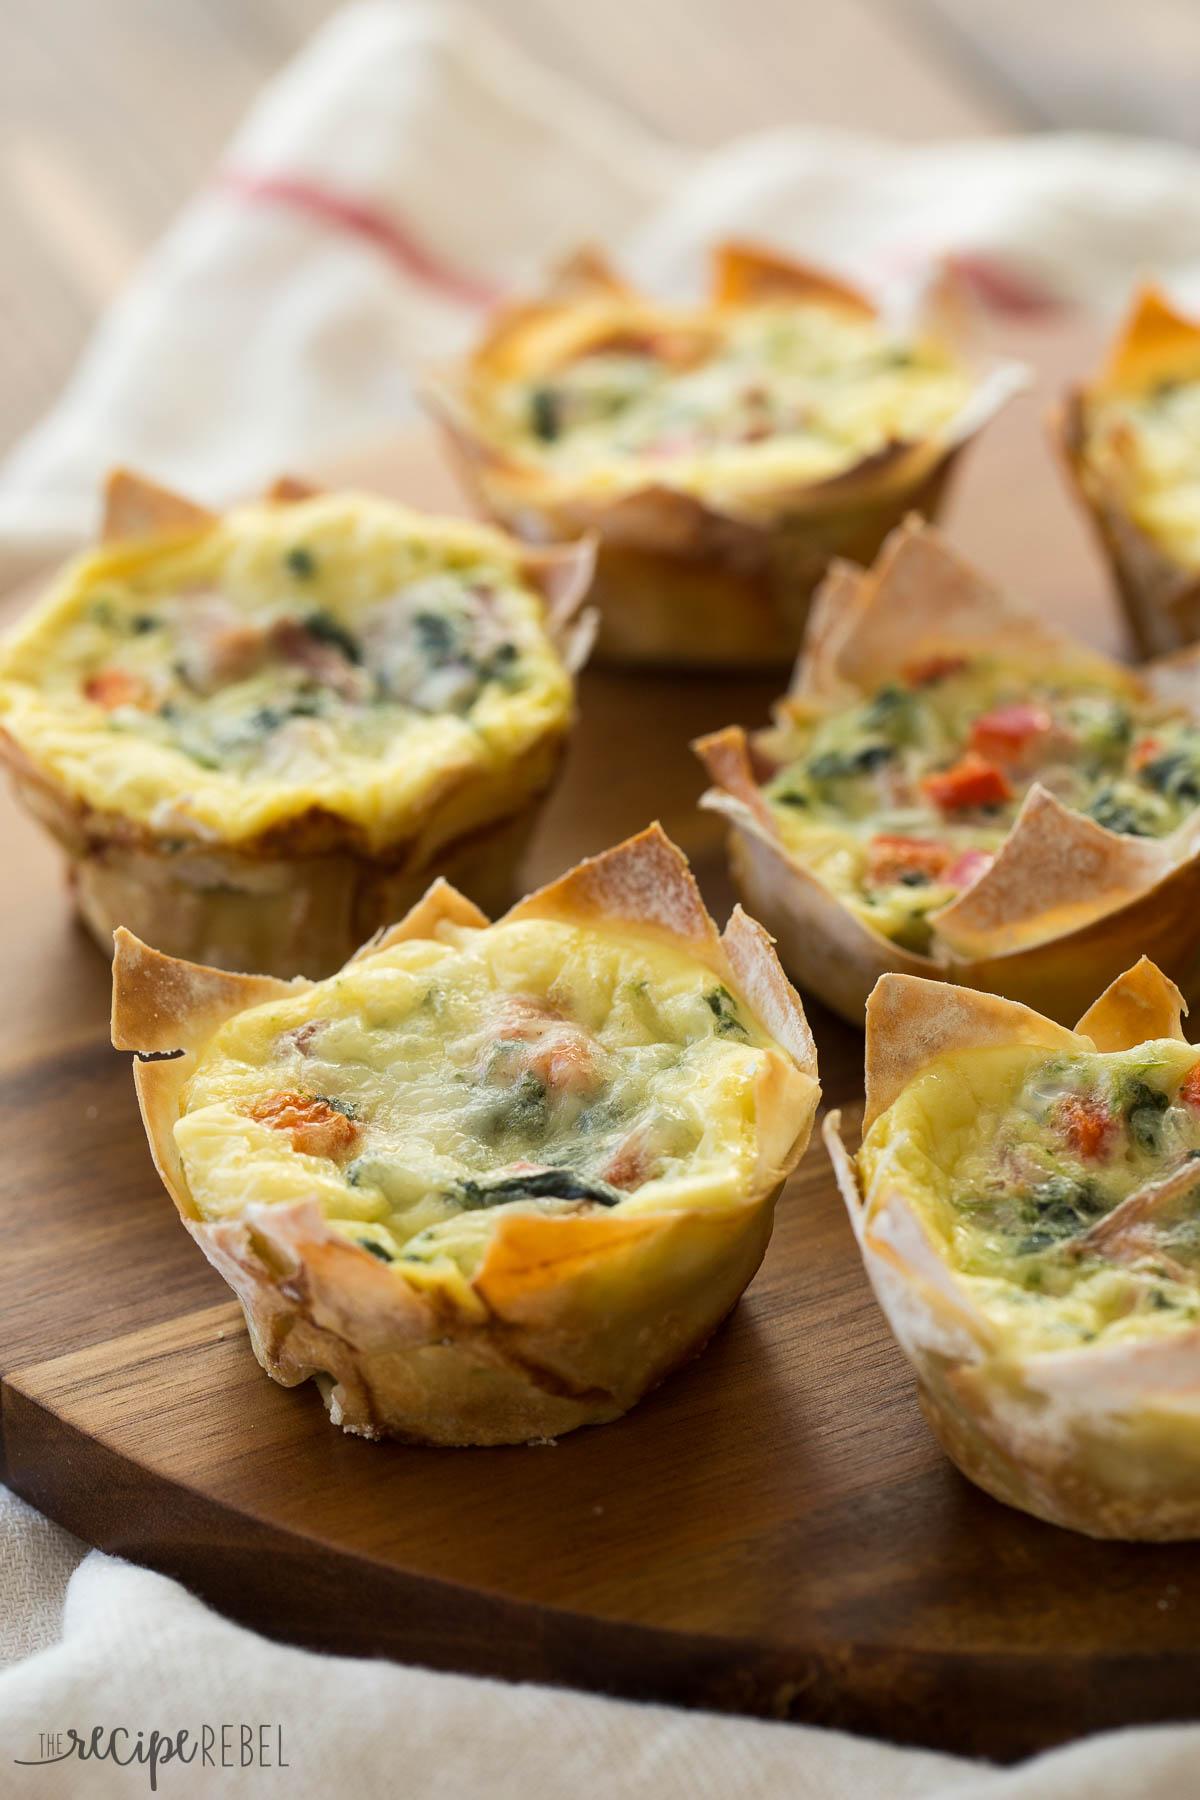 Kristine S Kitchen Recipes